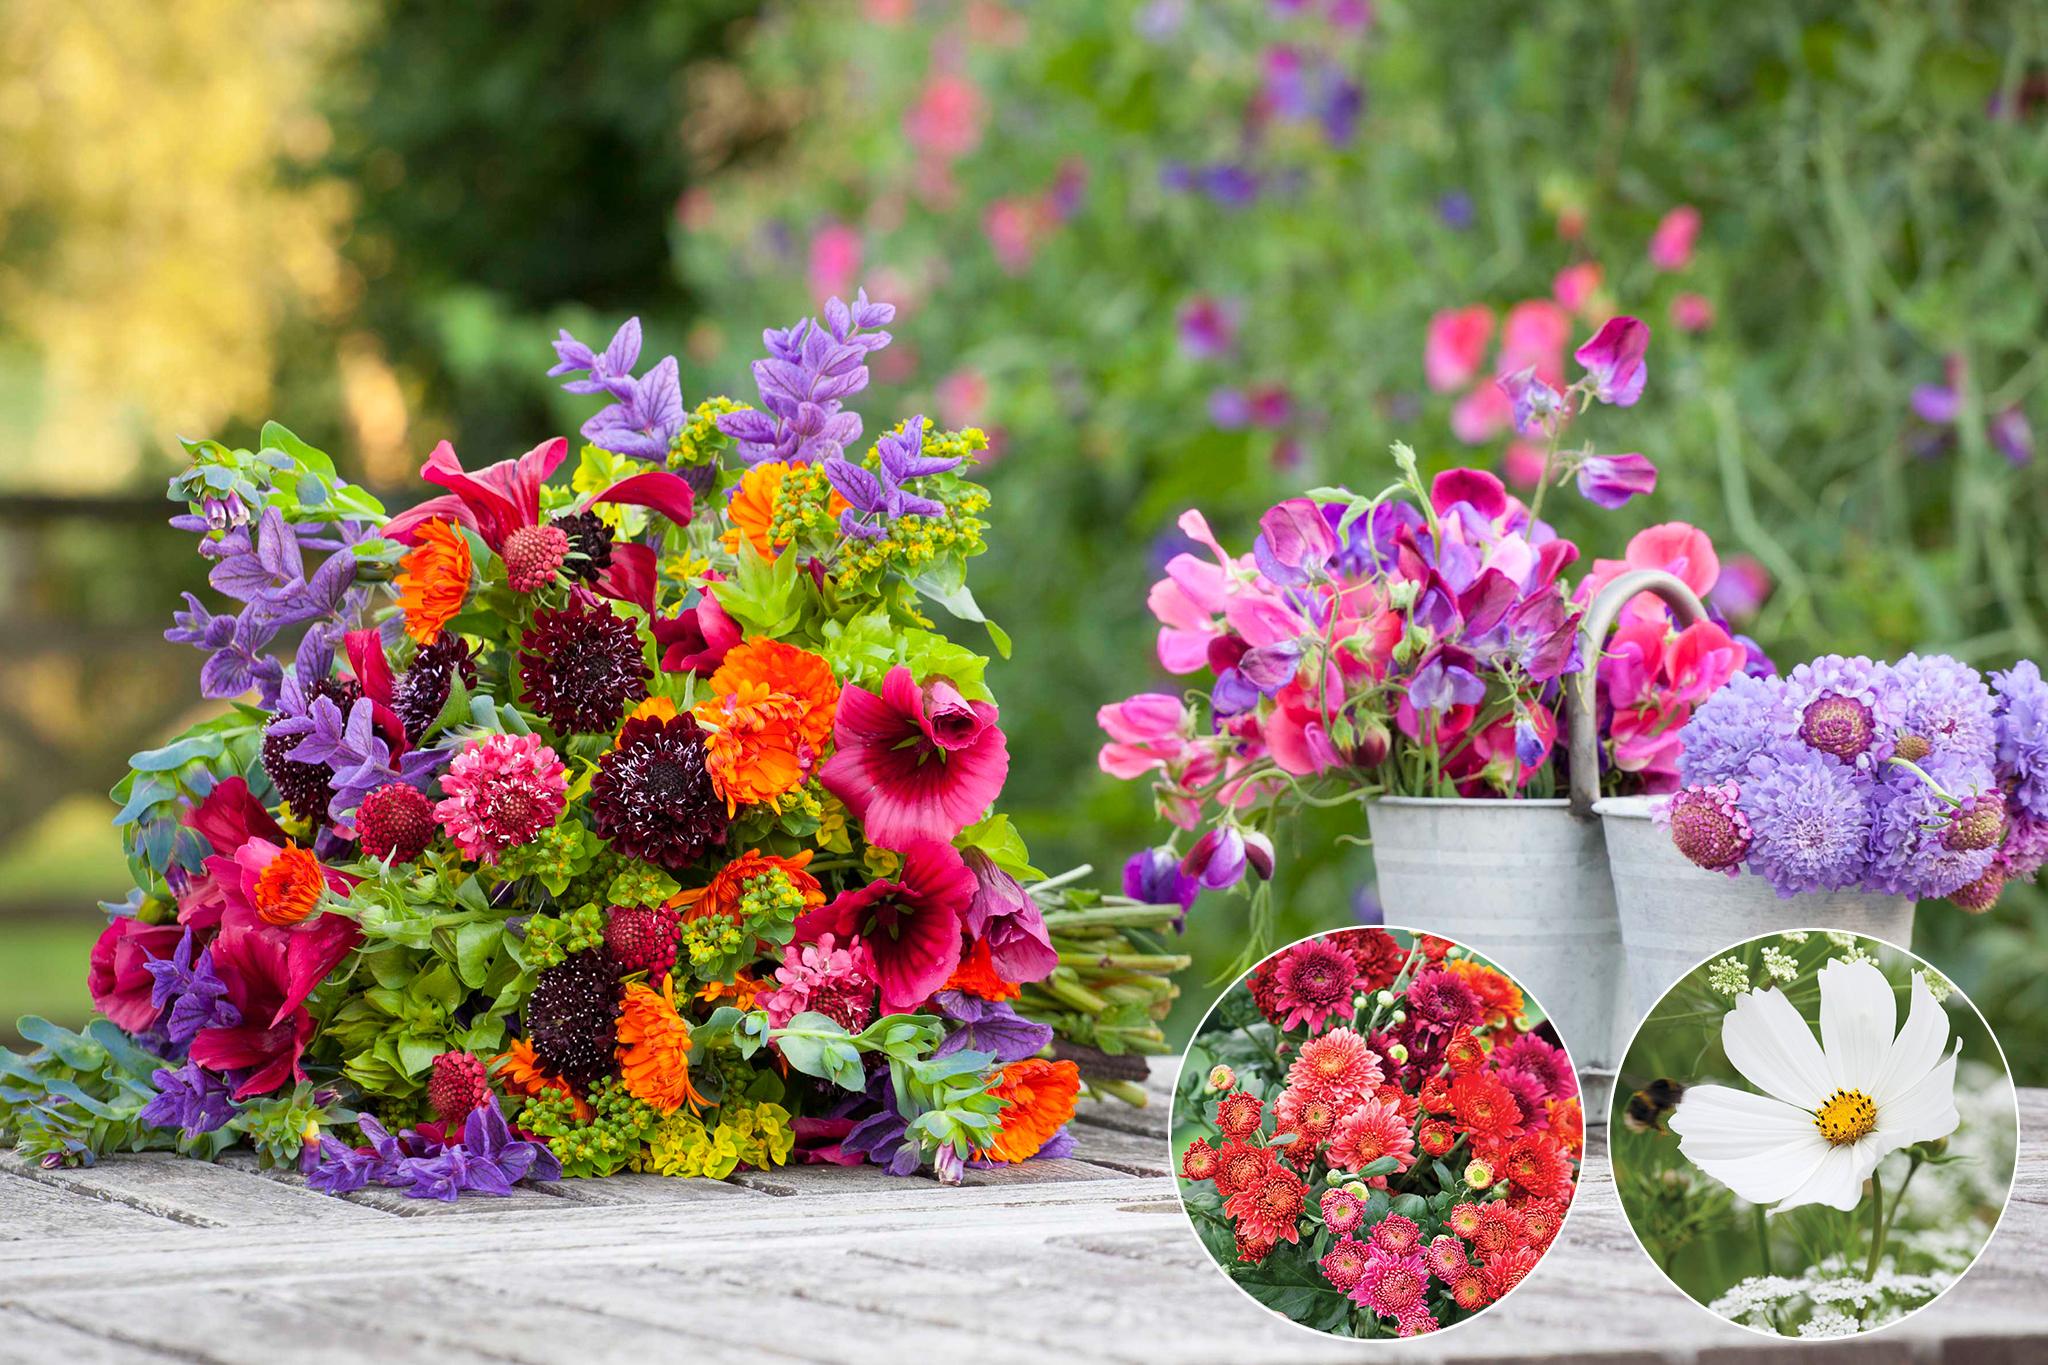 sarahraven-cut-flowers-15-per-cent-off